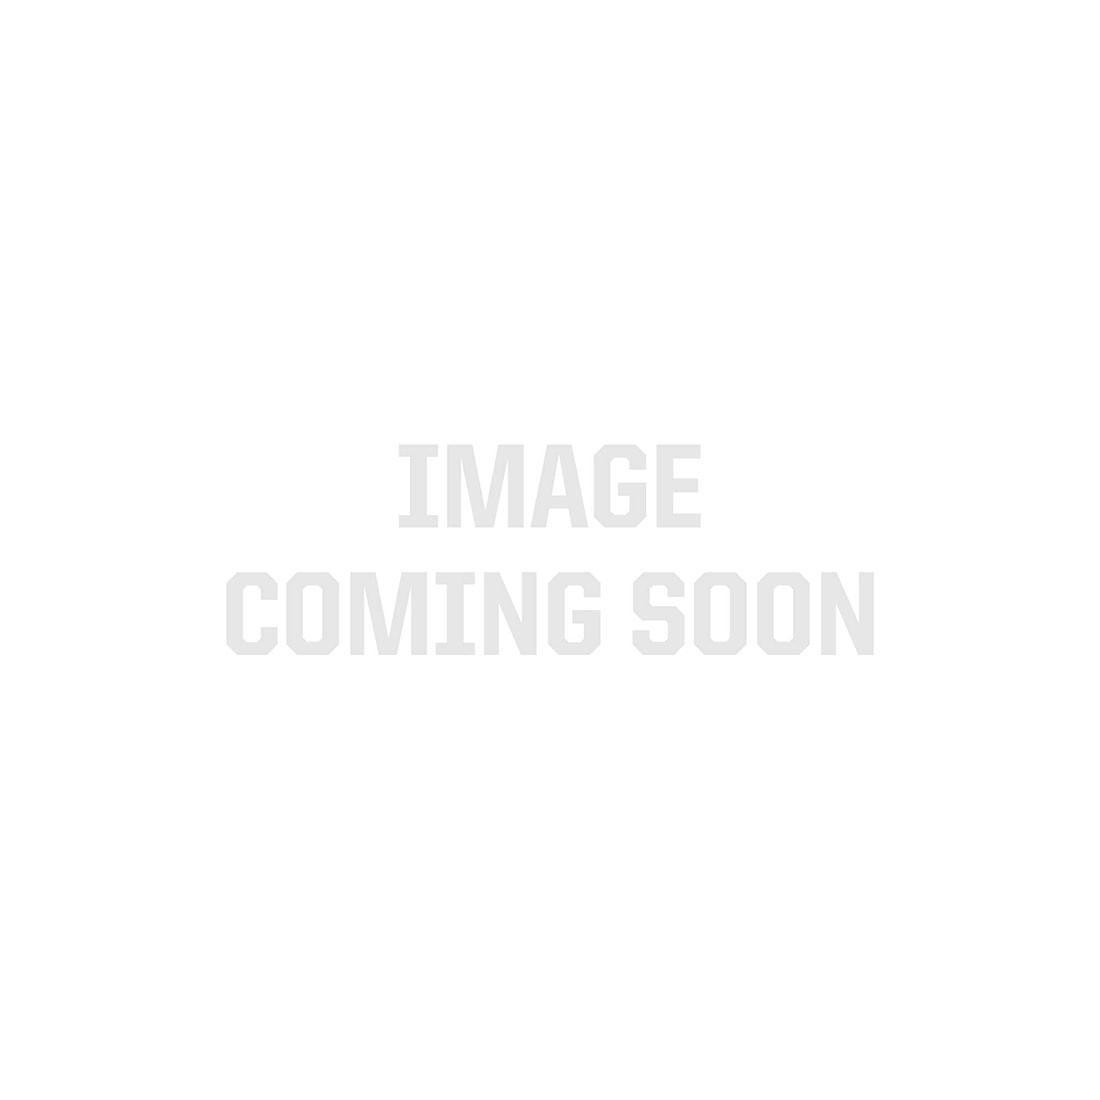 MaxRun RGB 4040 LED Strip Light - 84/m - Sample Kit